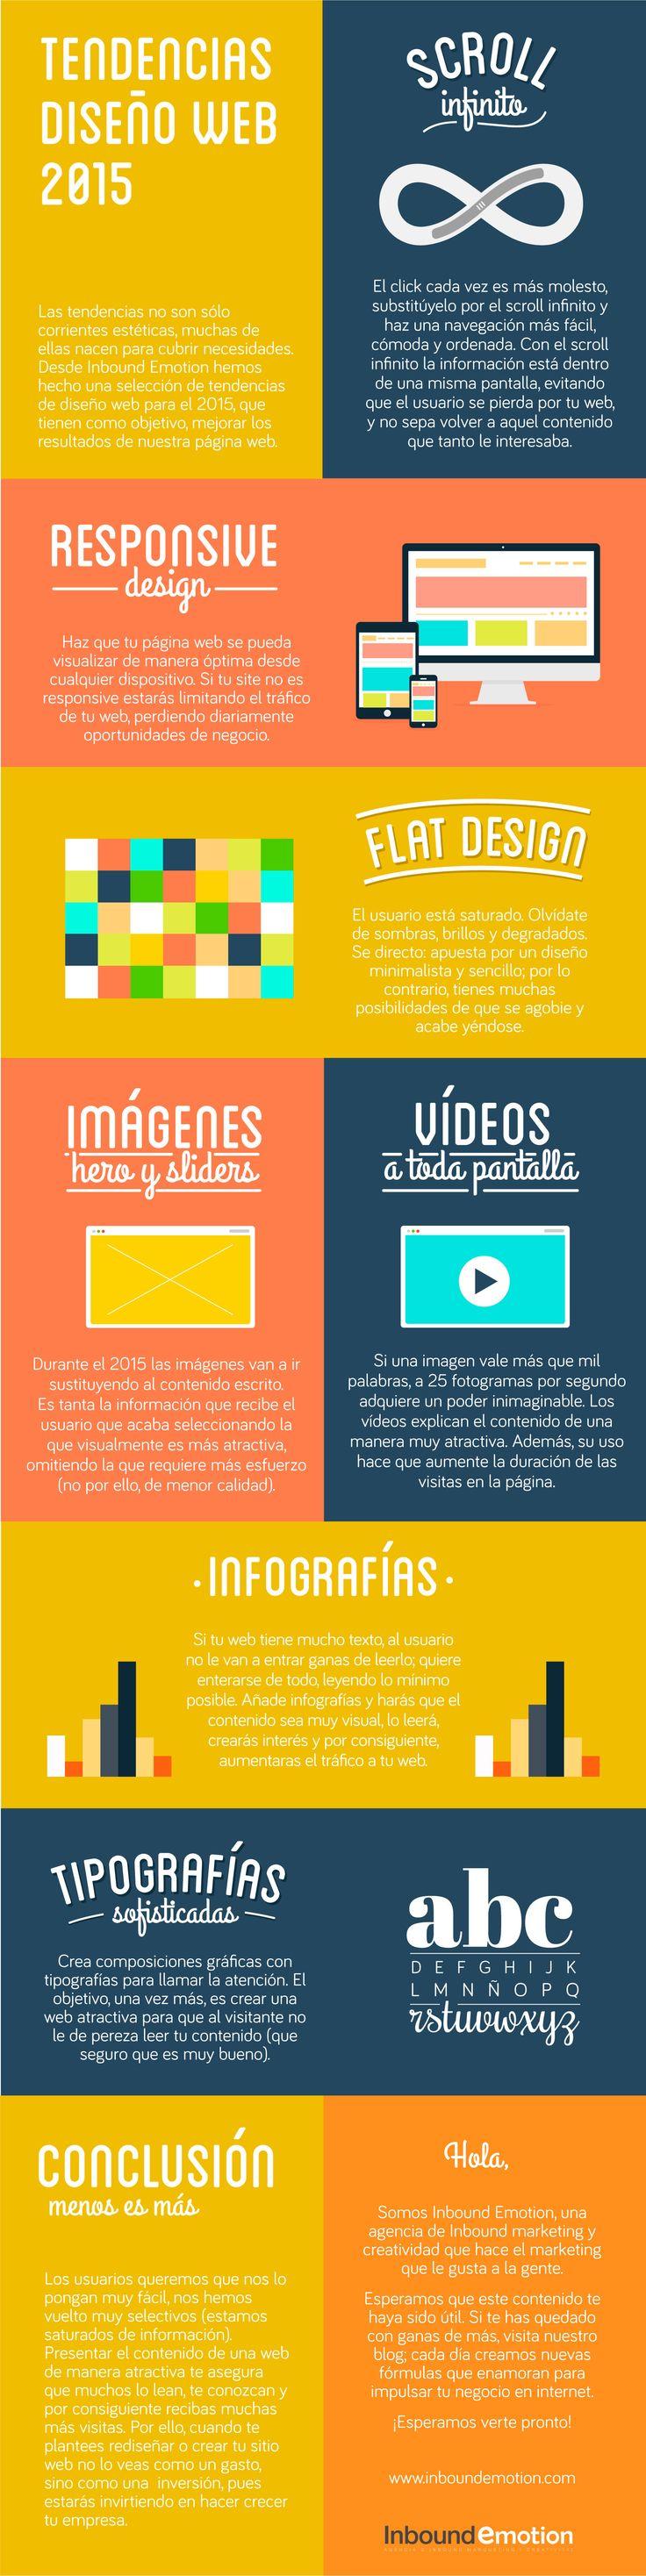 Tendencias en Diseño Web para 2015